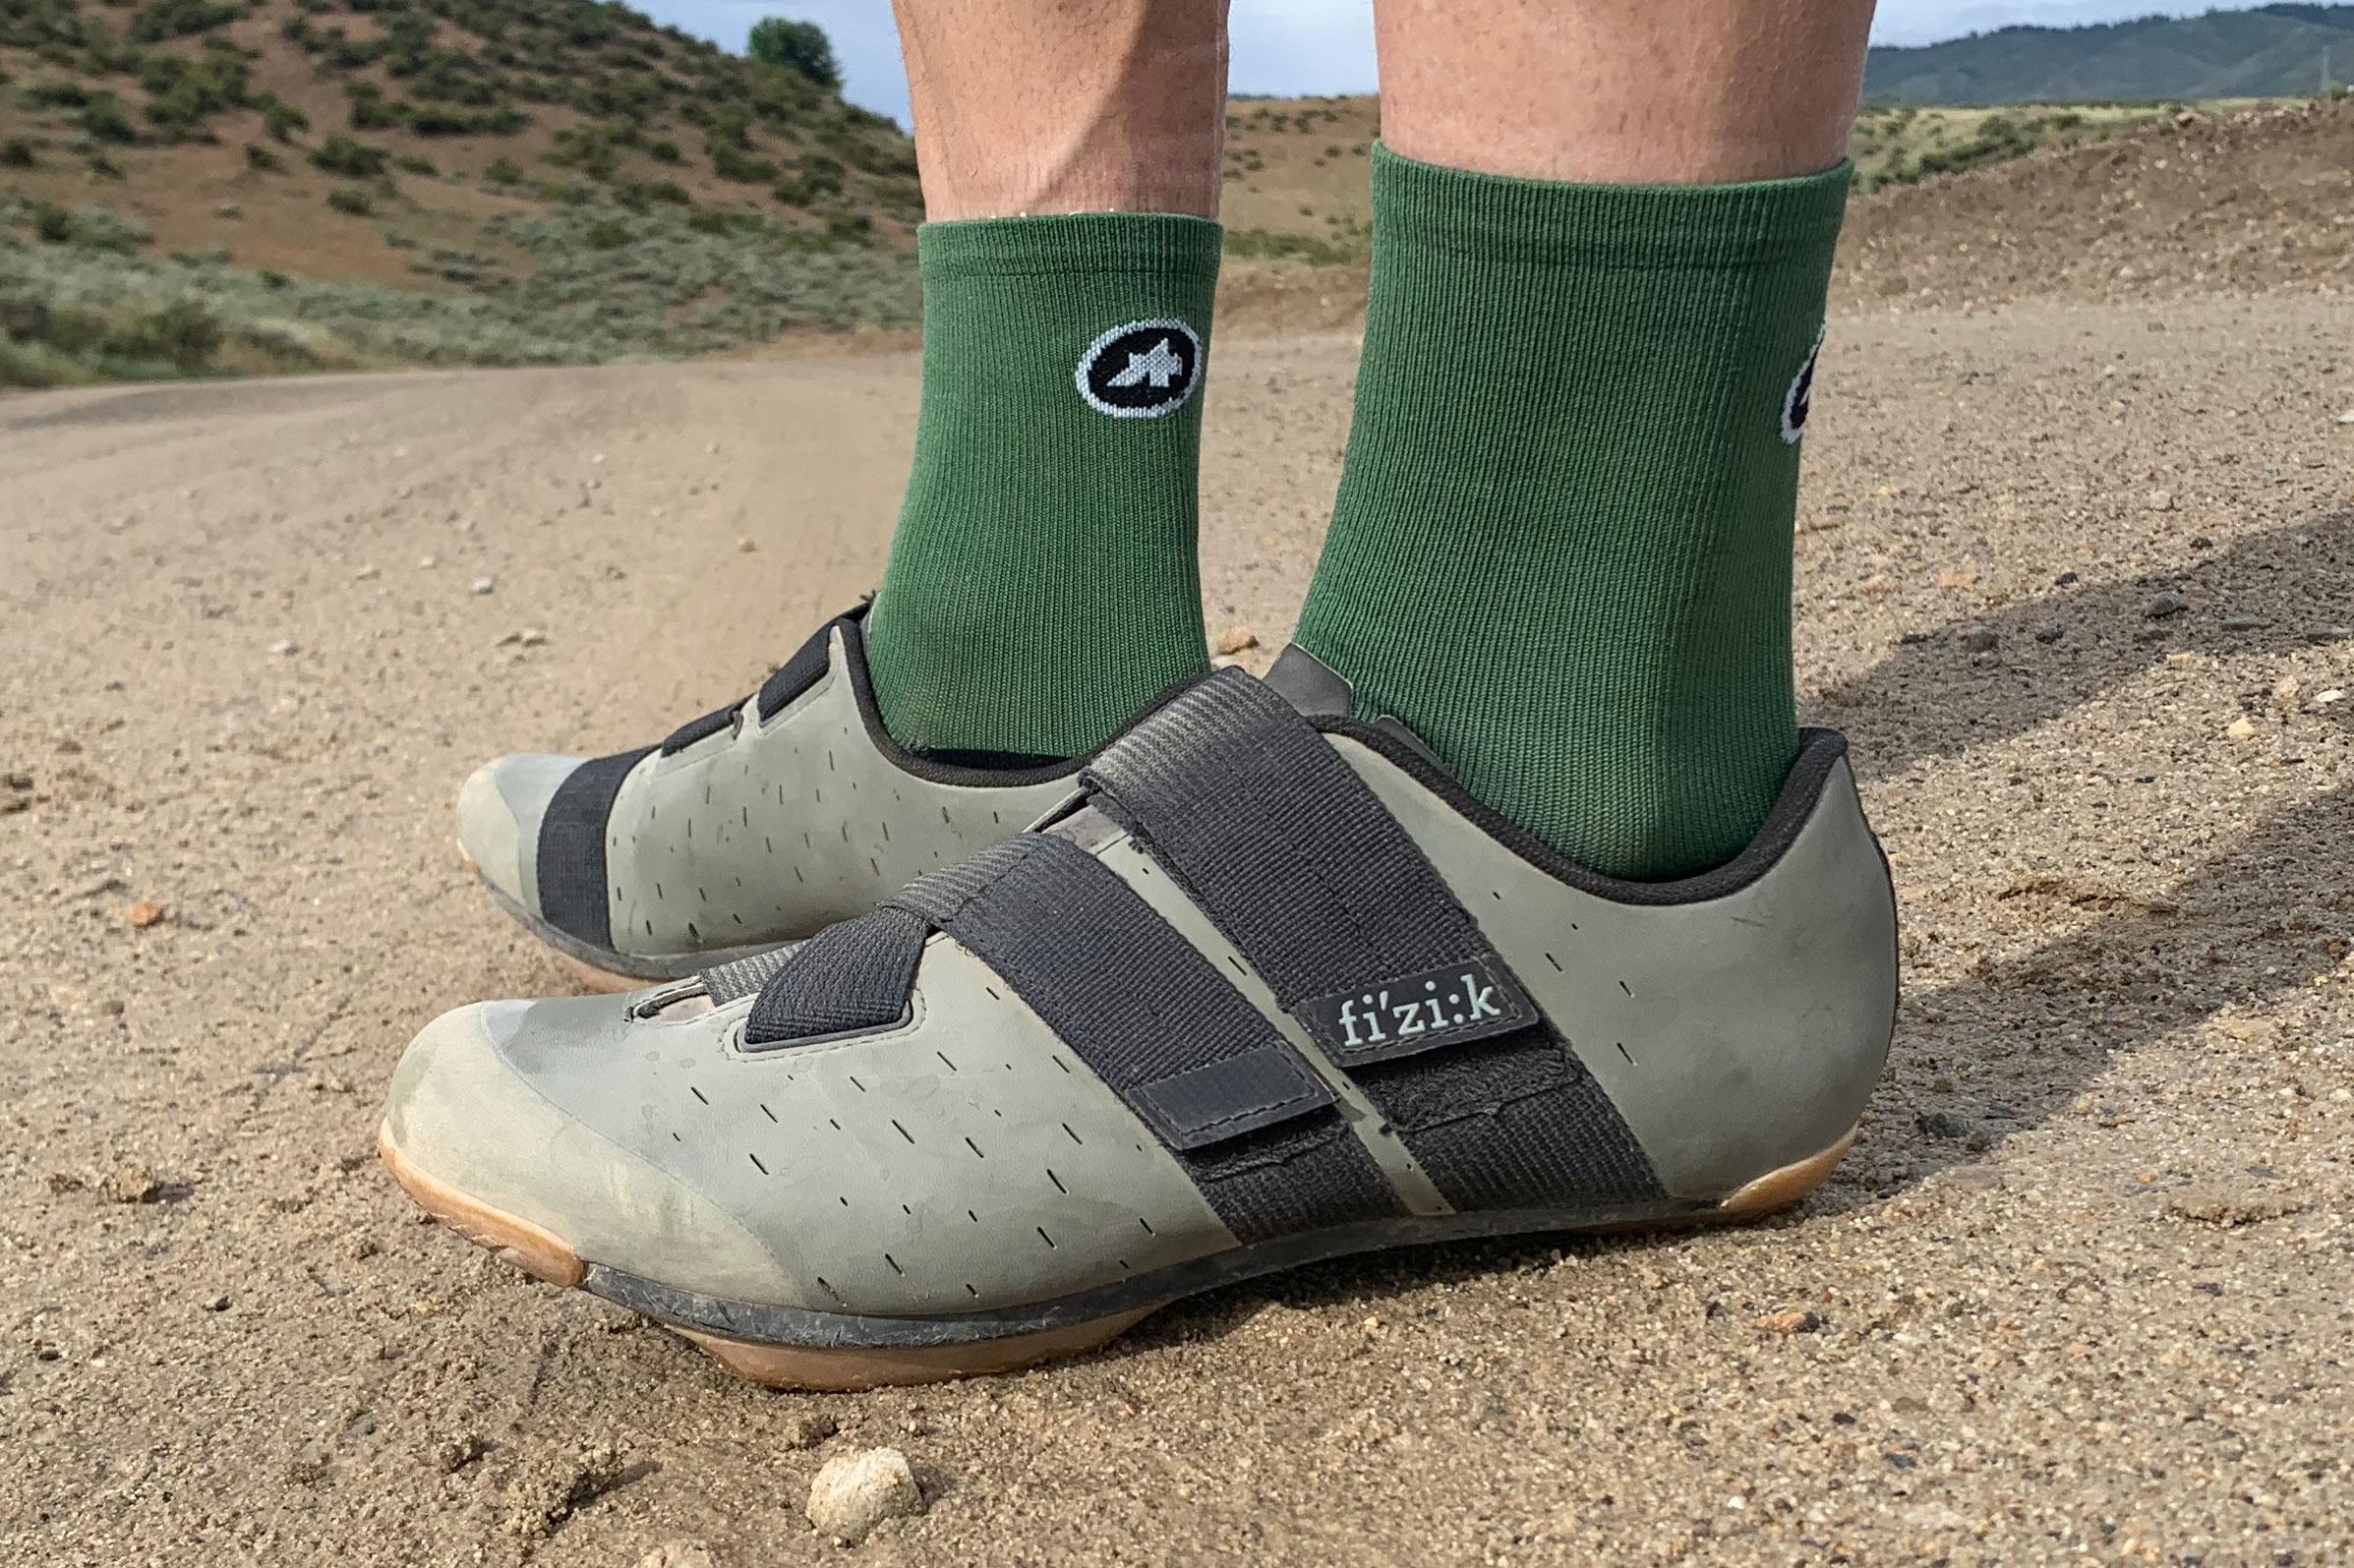 GearJunkie_Best_Gravel_Shoes_2021_Fizik_Terra_powerstrap_X4